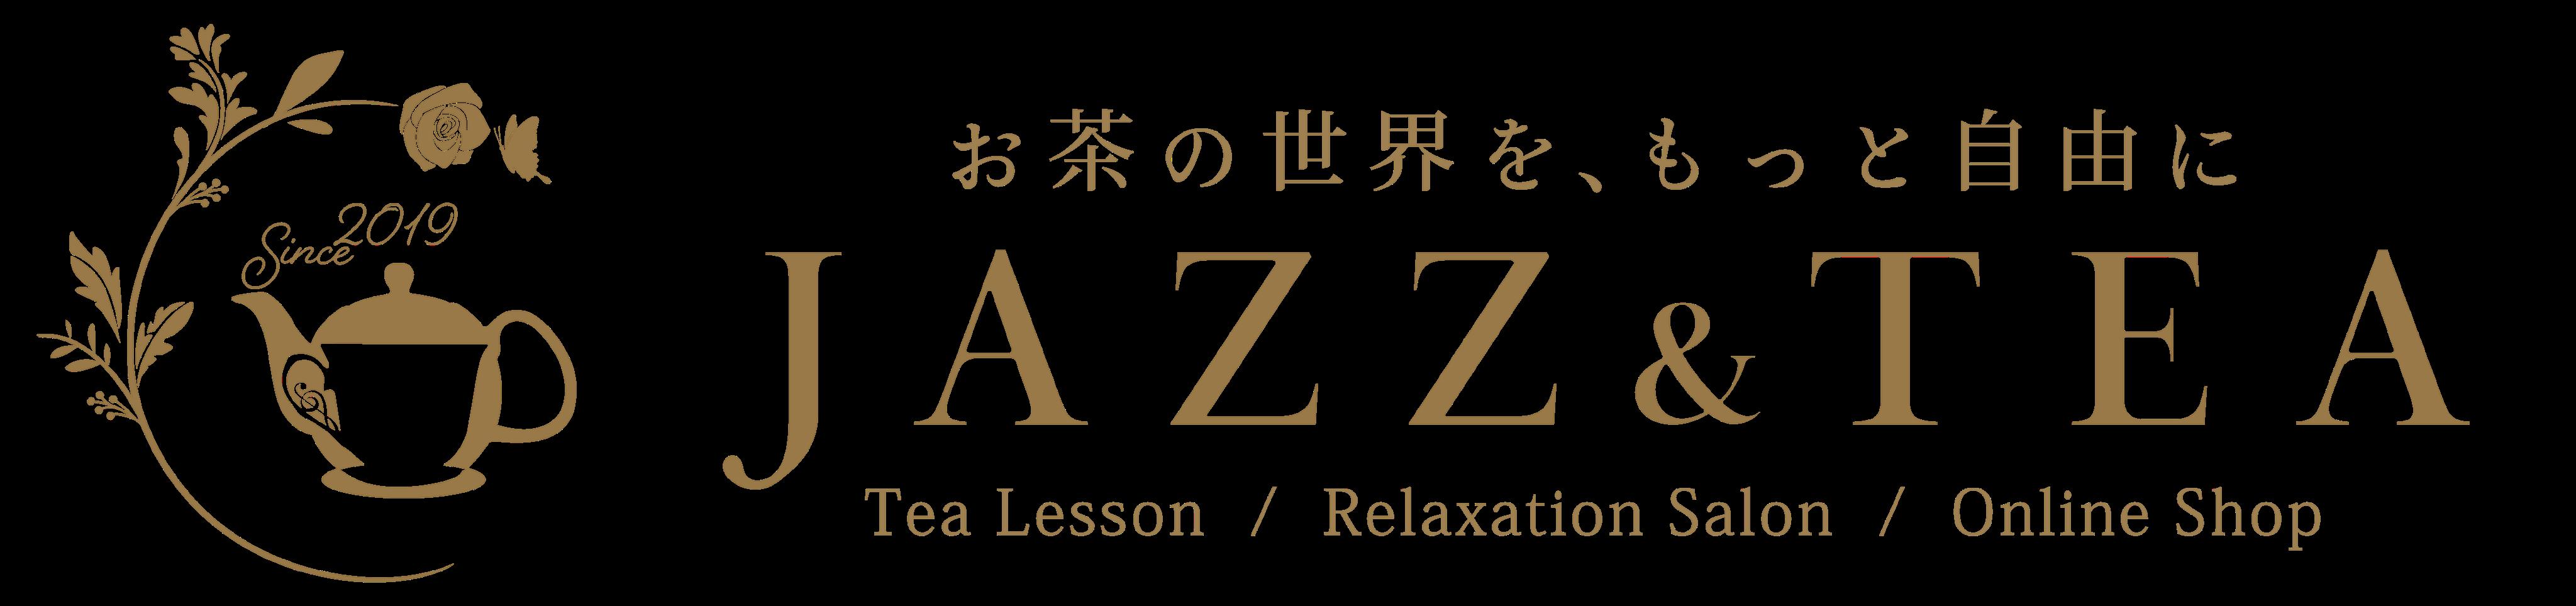 JAZZ&TEA